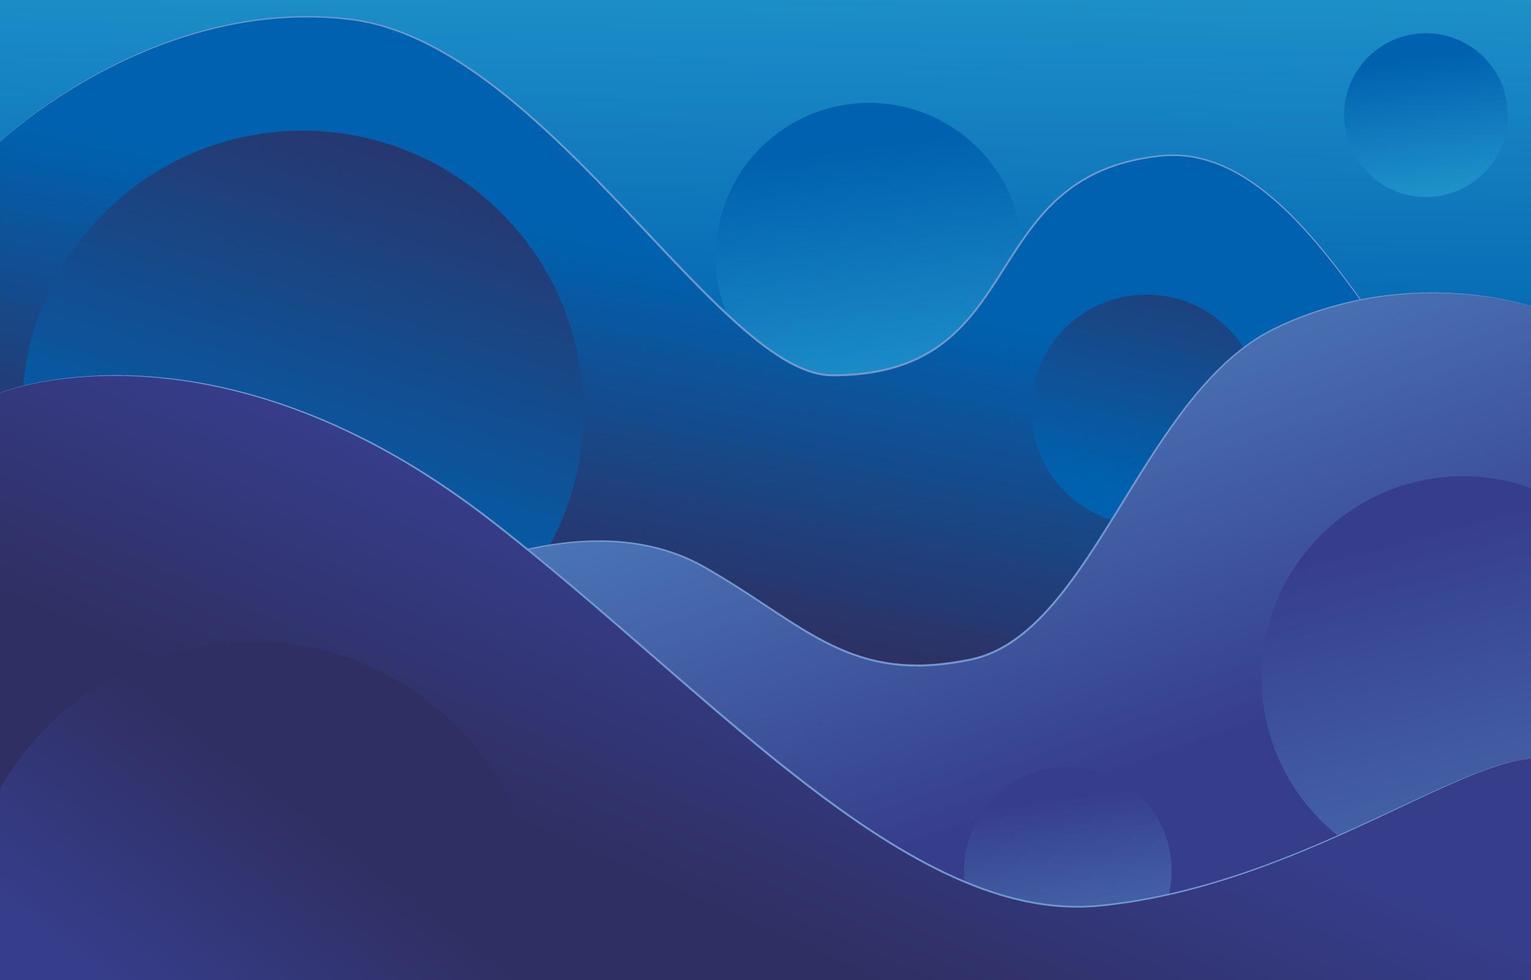 fond dégradé bleu et violet abstrait moderne vecteur